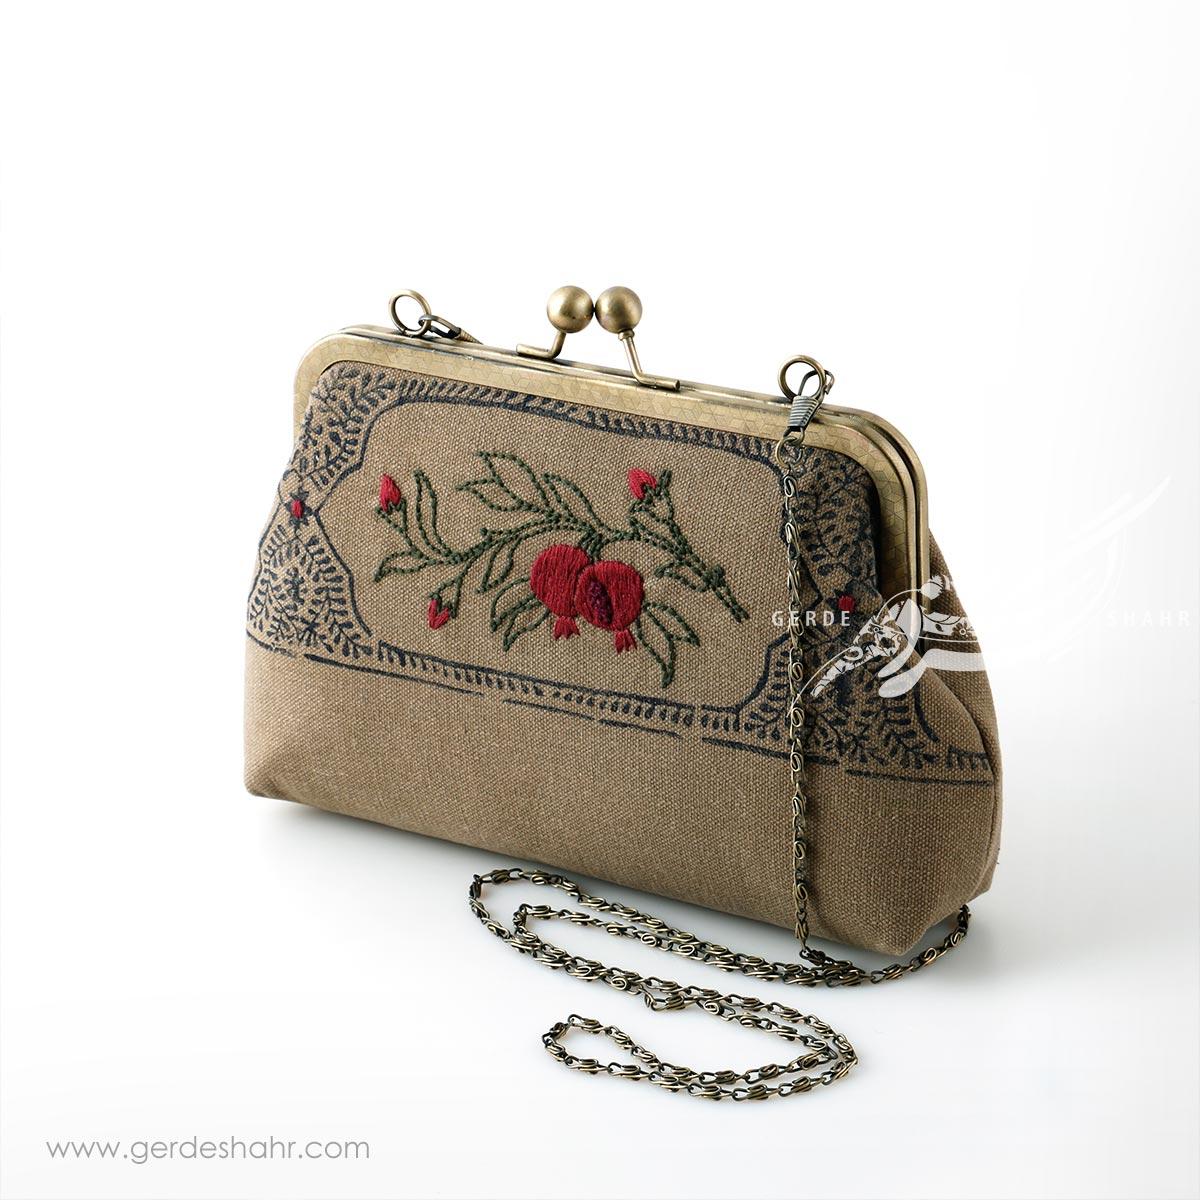 کیف بنددار نسکافه ای کتیبه قلمکار راژانه گنجه رخت